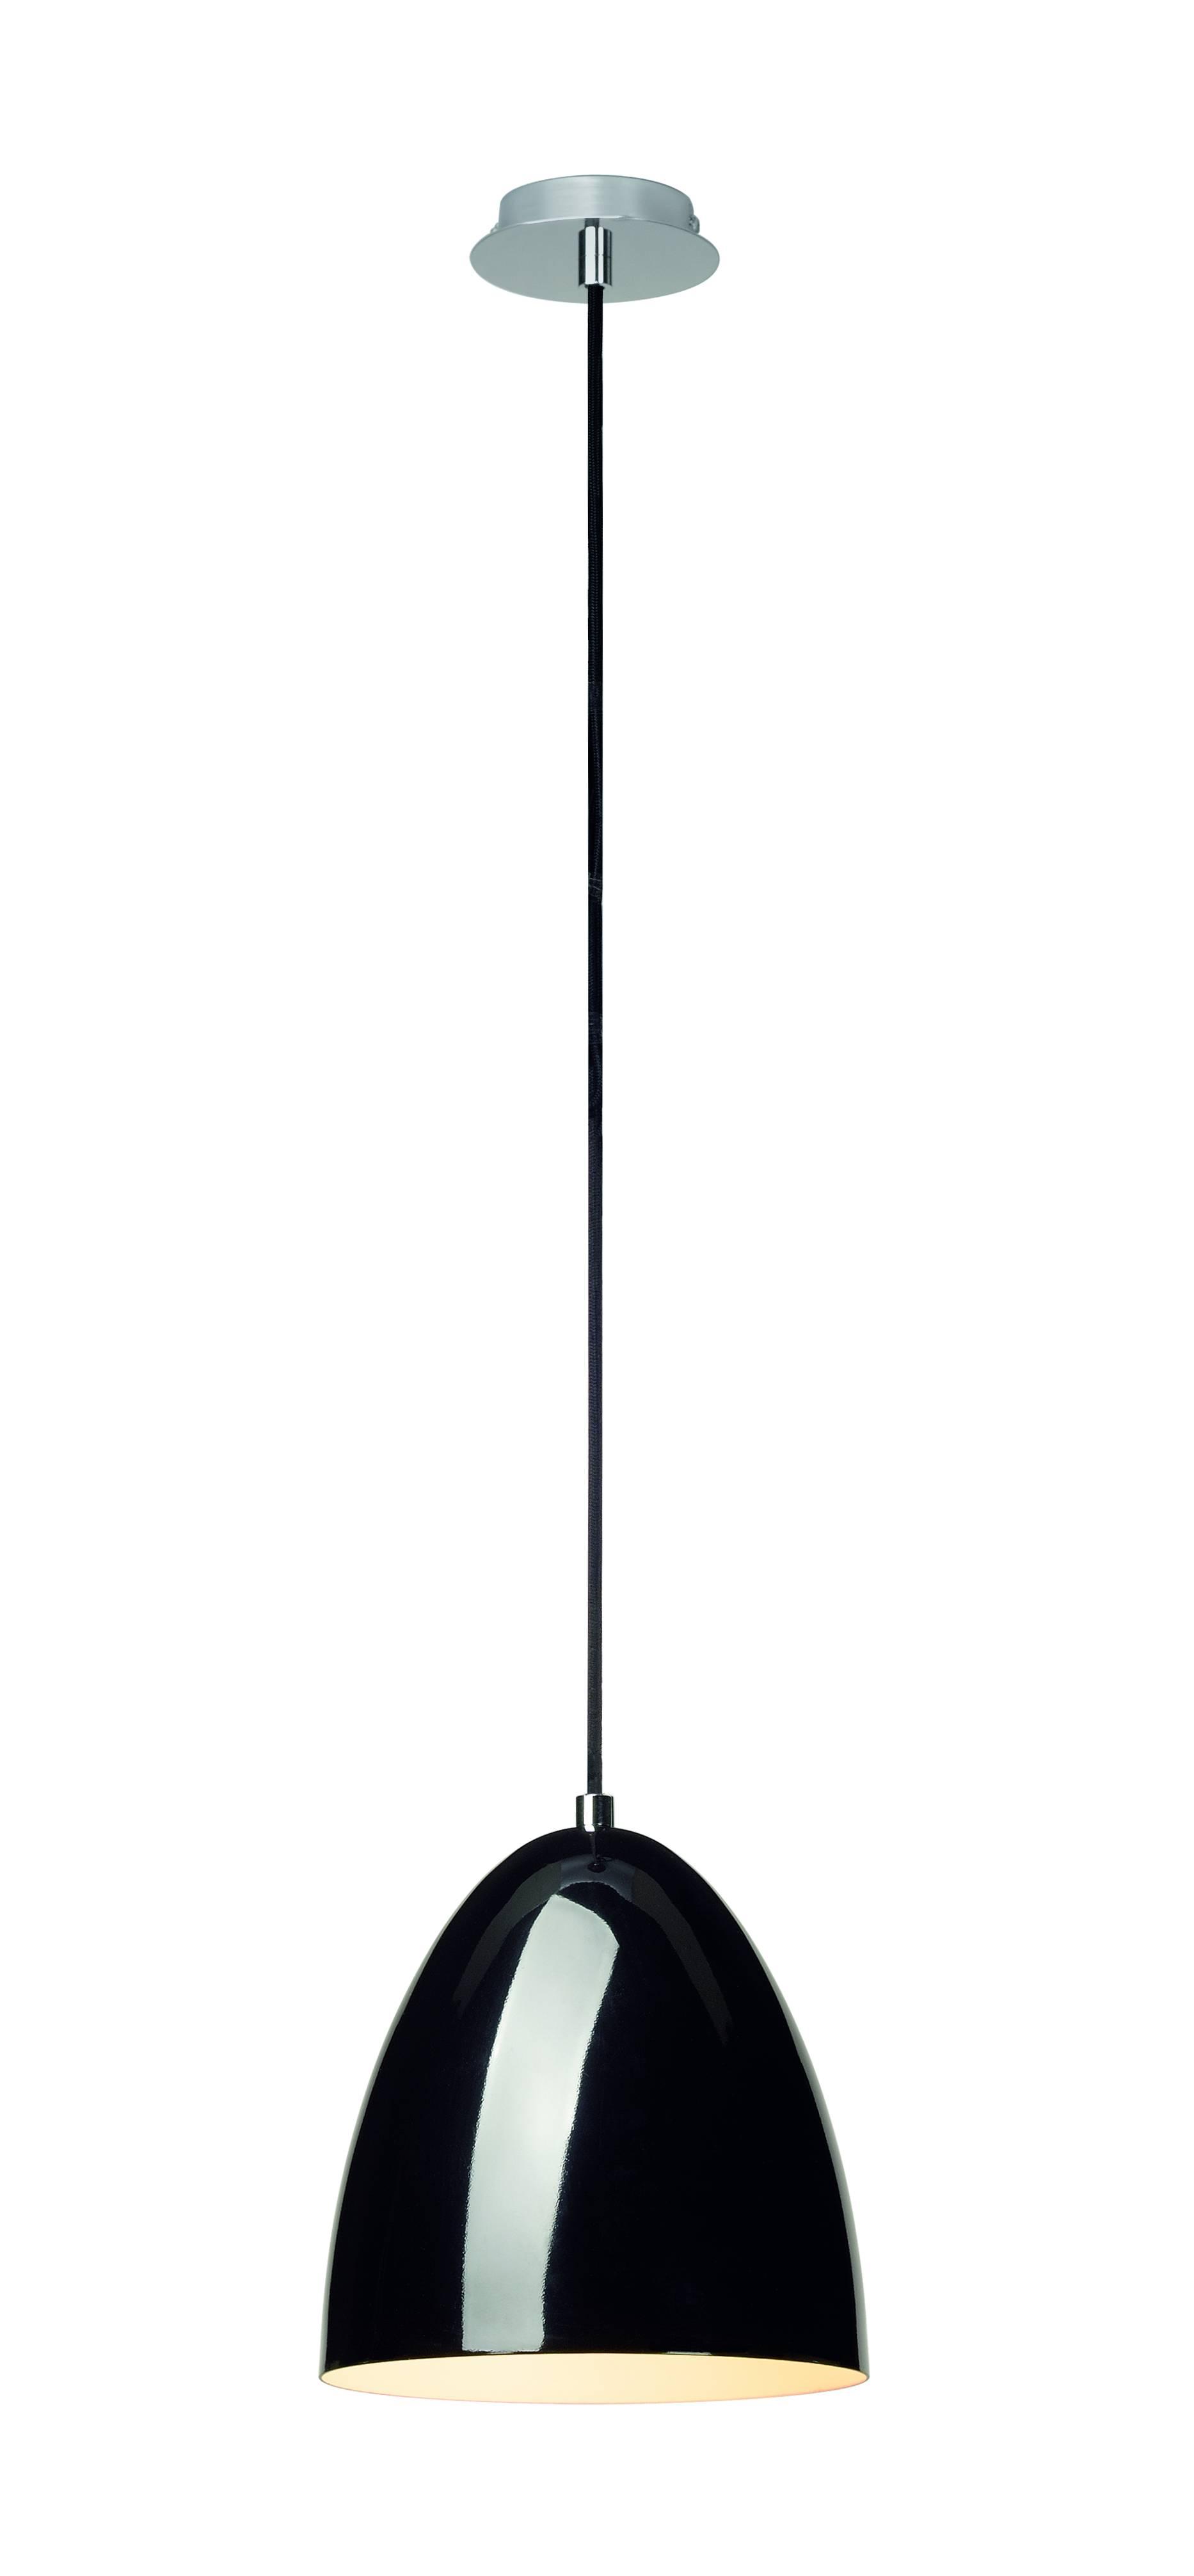 1 Stk PARACONE20Pendelleuchte,E27, max. 60W, rund,schwarz LI133000--